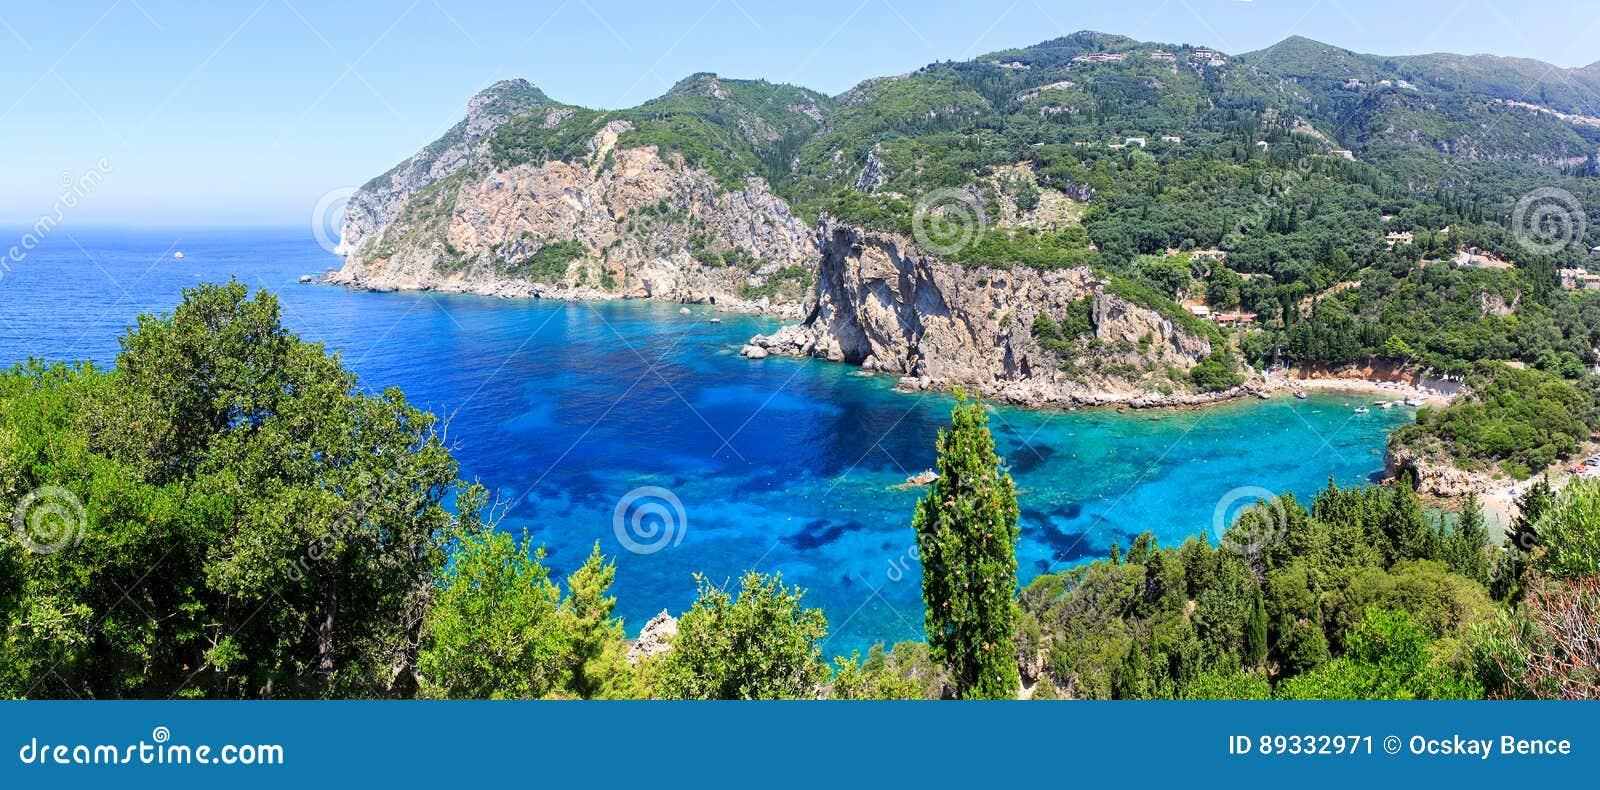 Isola di Corfù e mare ionico